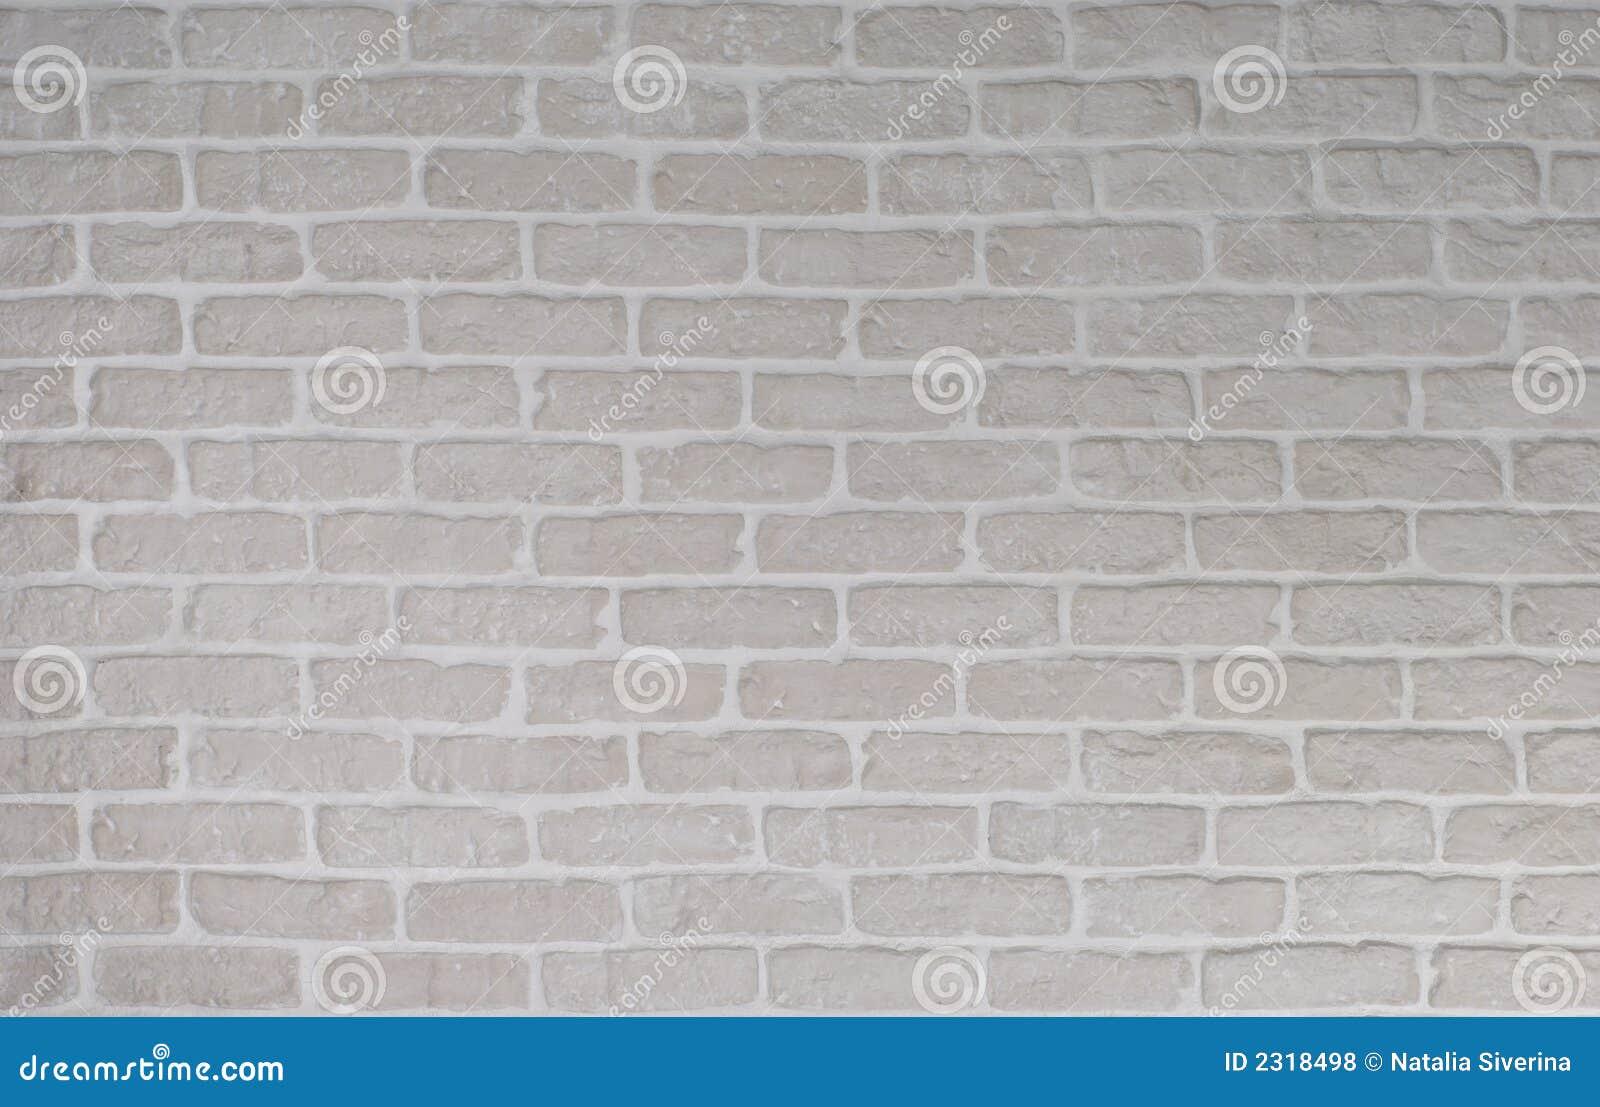 Grijze muur royalty vrije stock foto 39 s afbeelding 2318498 for Grijze muur